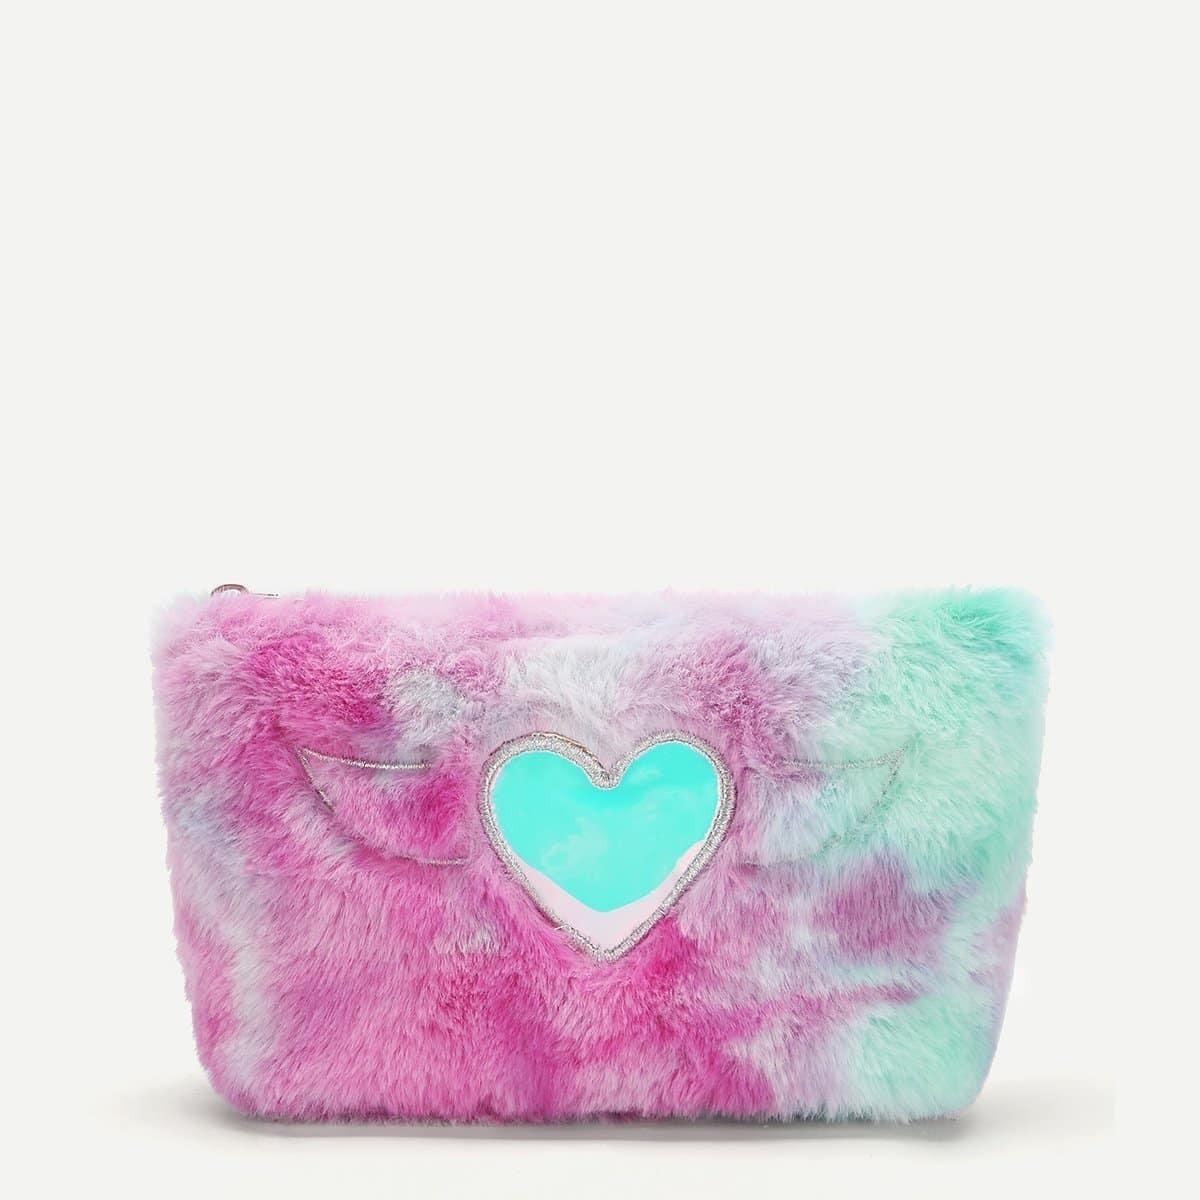 Meisjes hart decor namaakbont tas